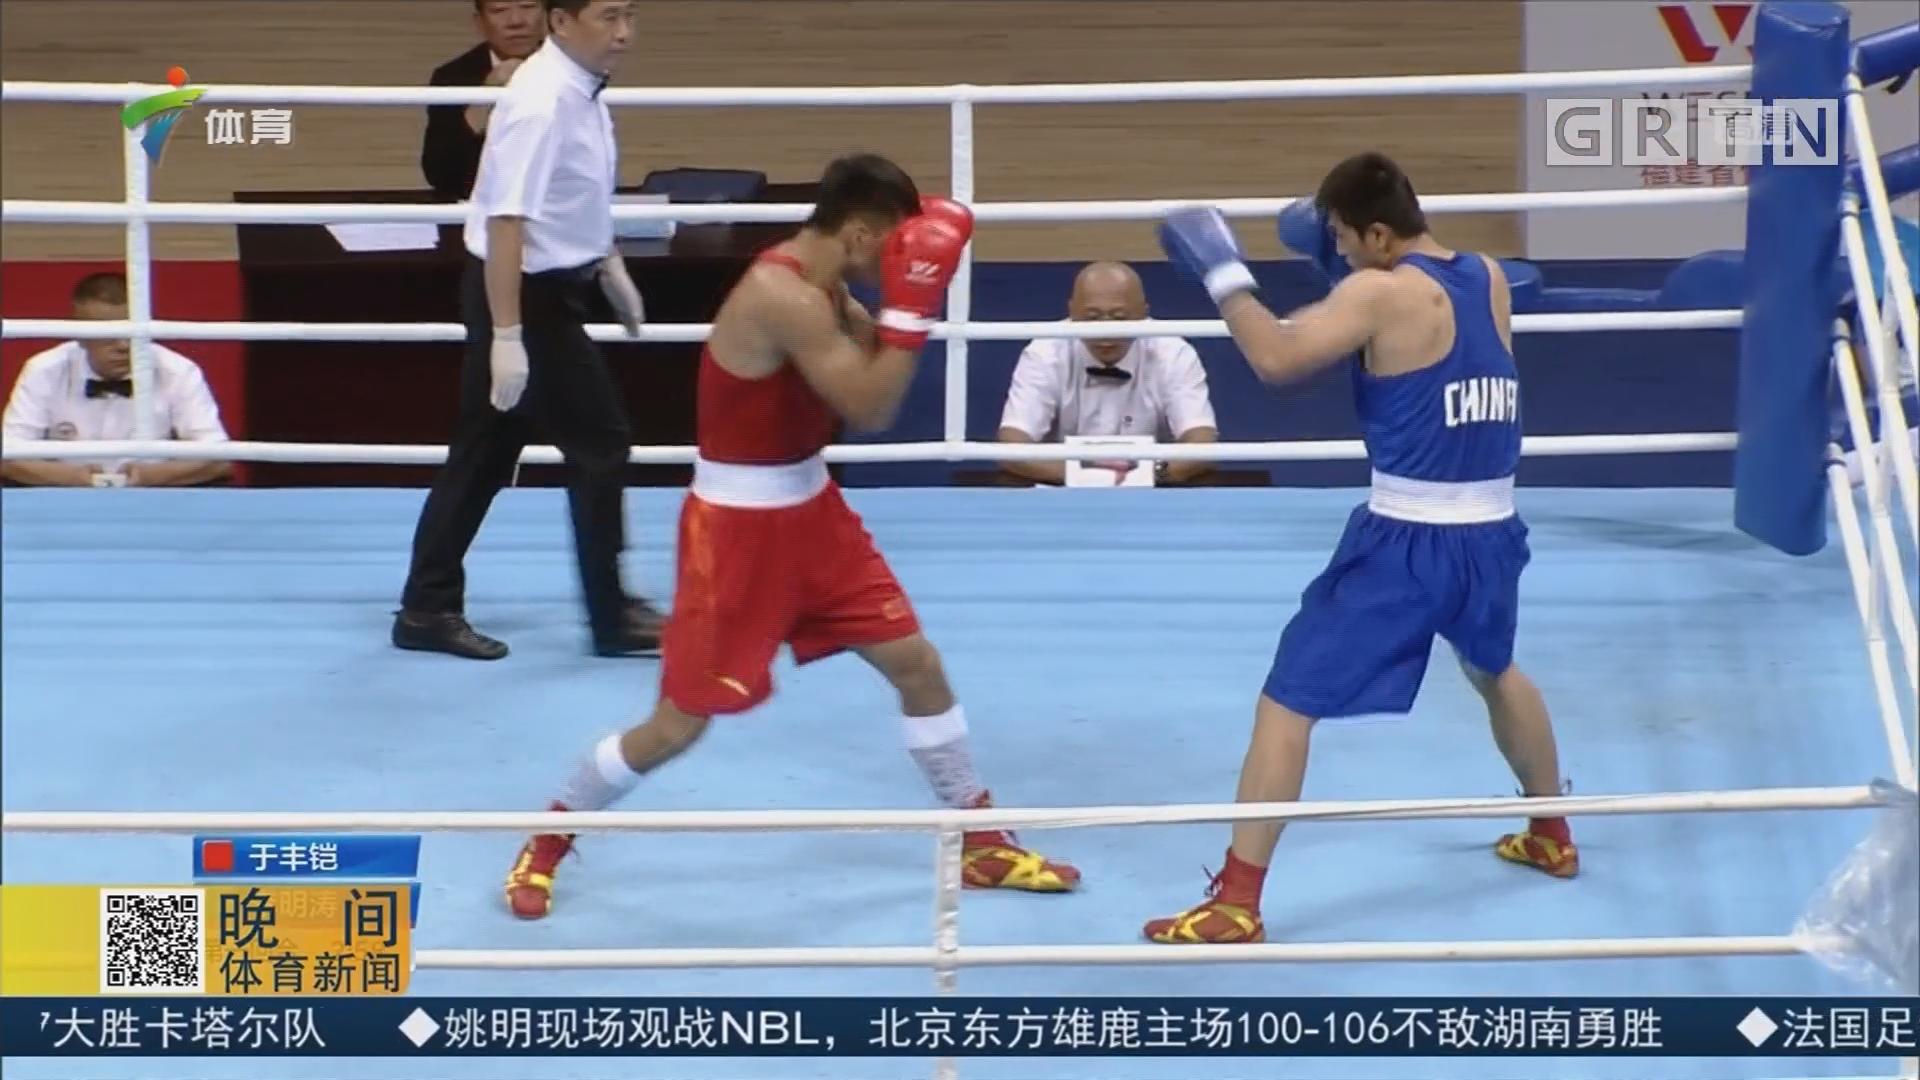 全运拳击第二个决赛日 王港、于丰铠夺冠